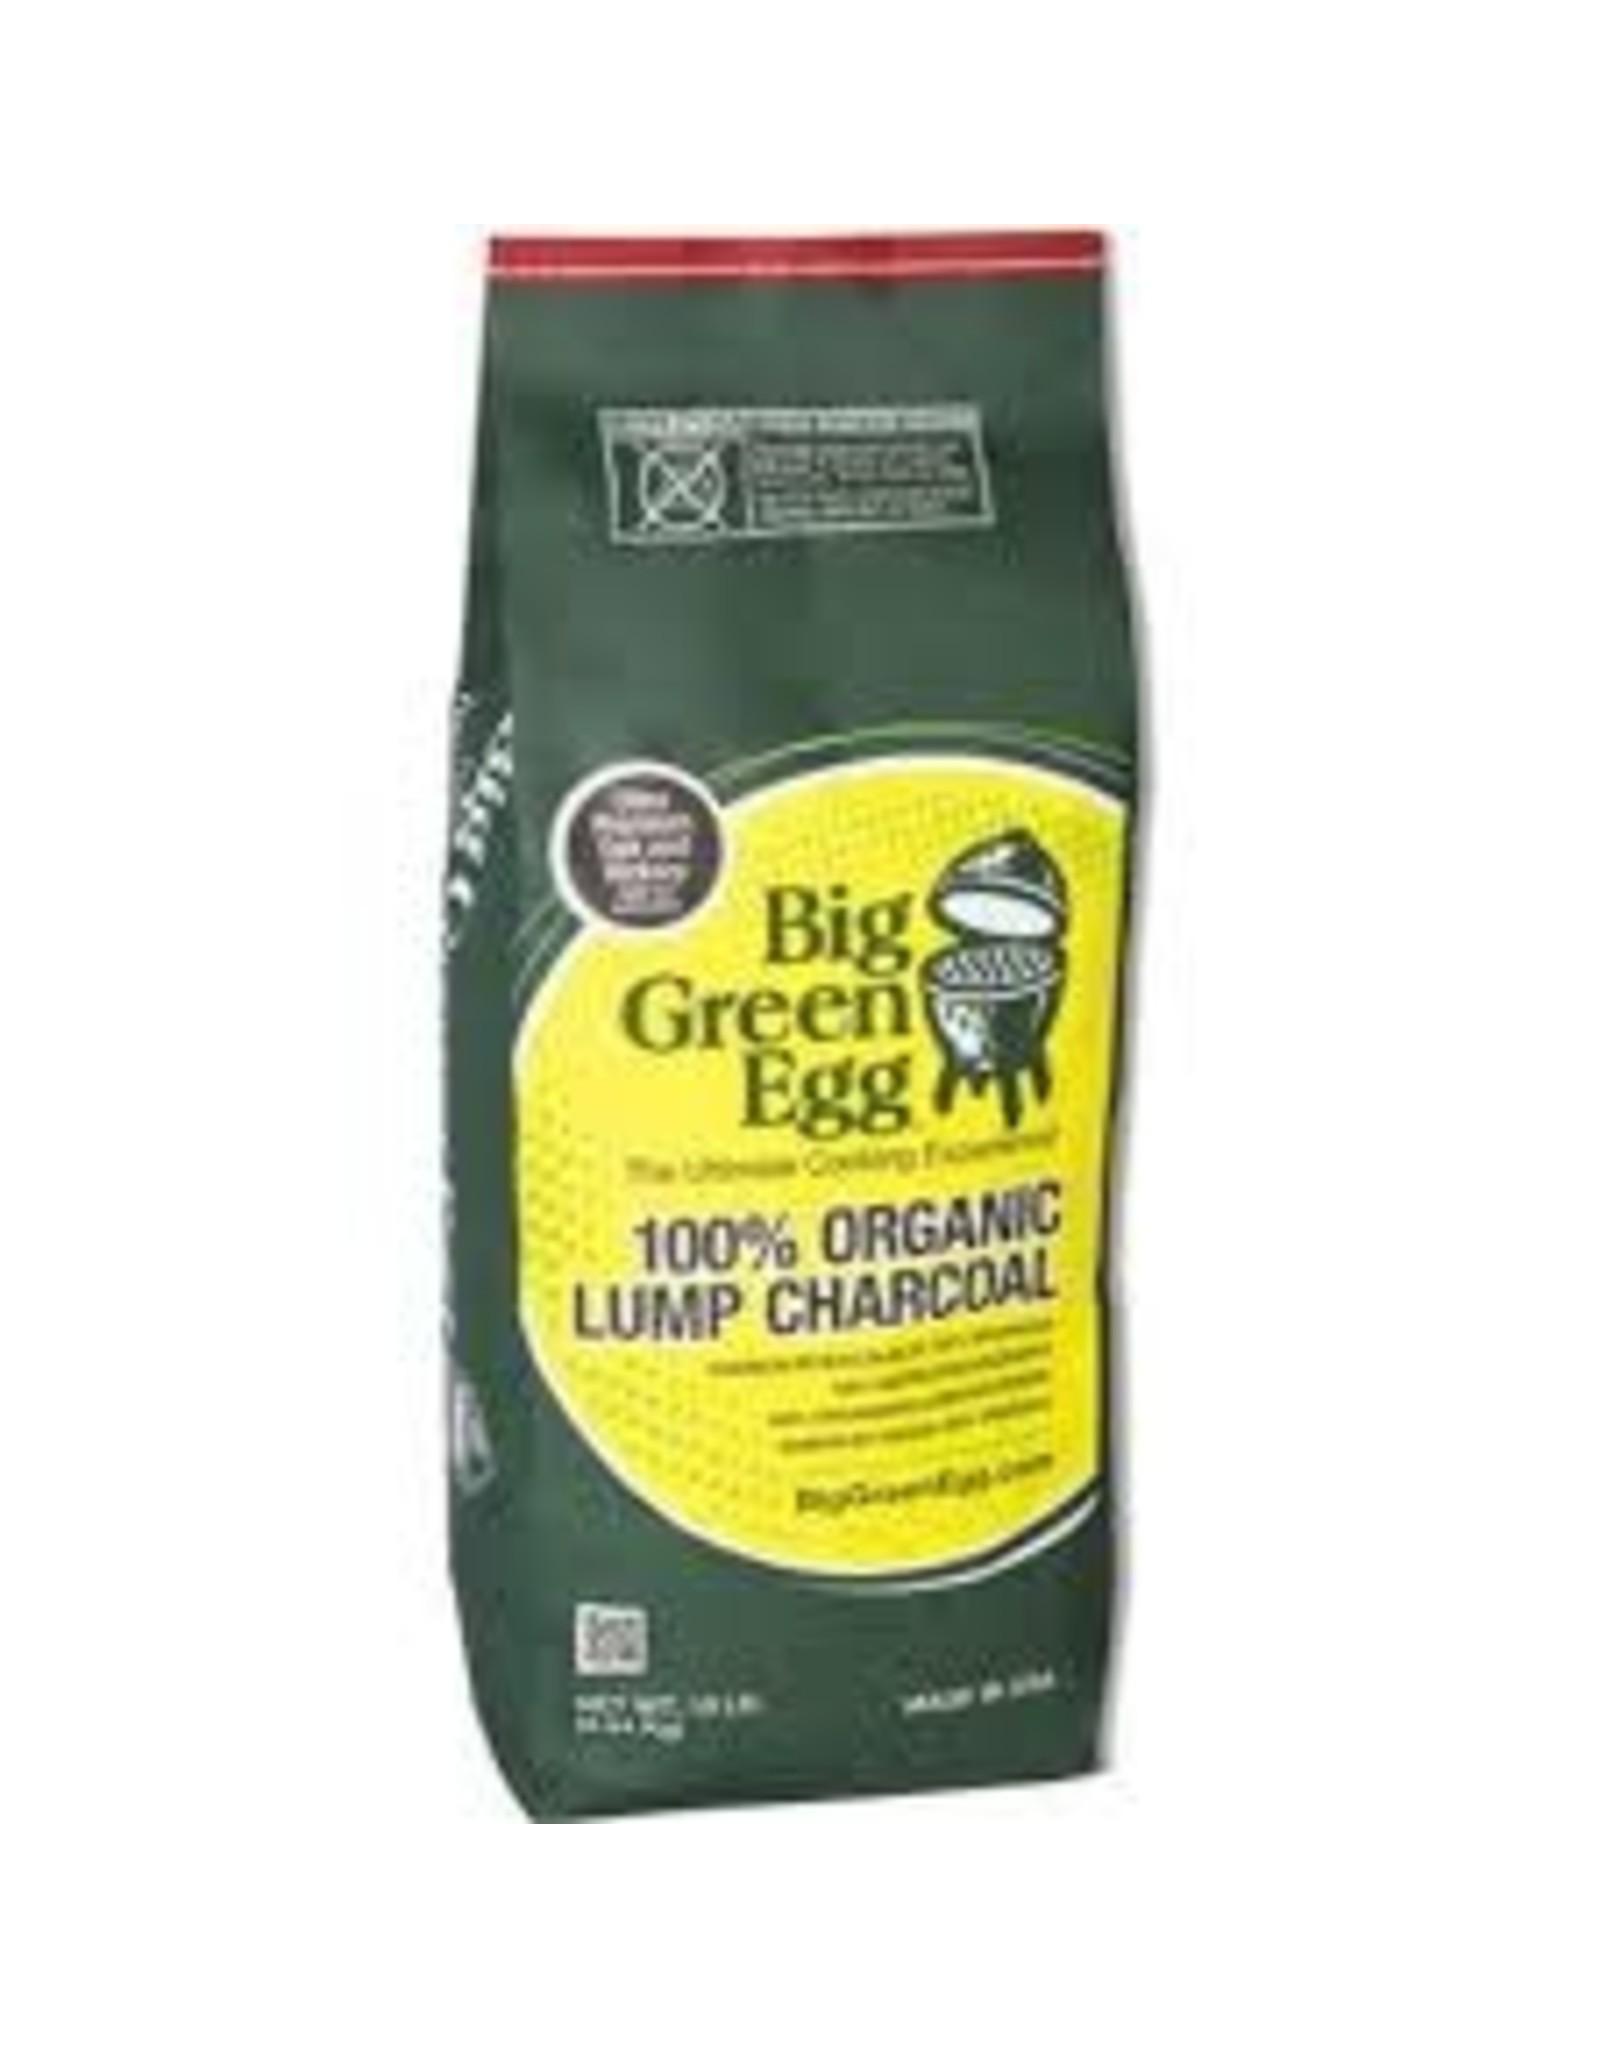 Big Green Egg BGE Charcoal 10 lb